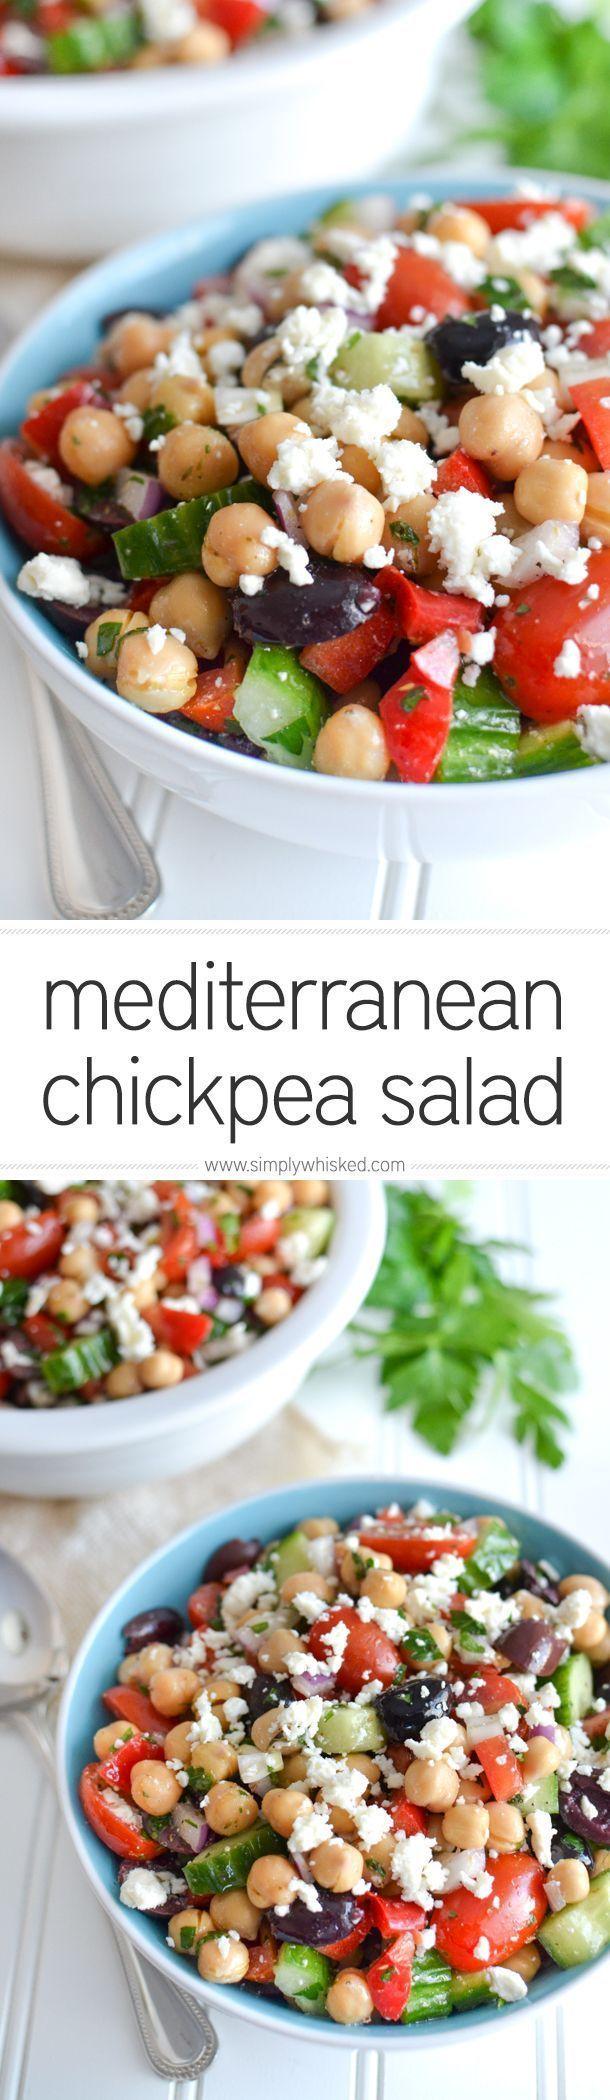 Dairy Free Mediterranean Chickpea Salad Mediterranean Chickpea Salad   simplywhisked